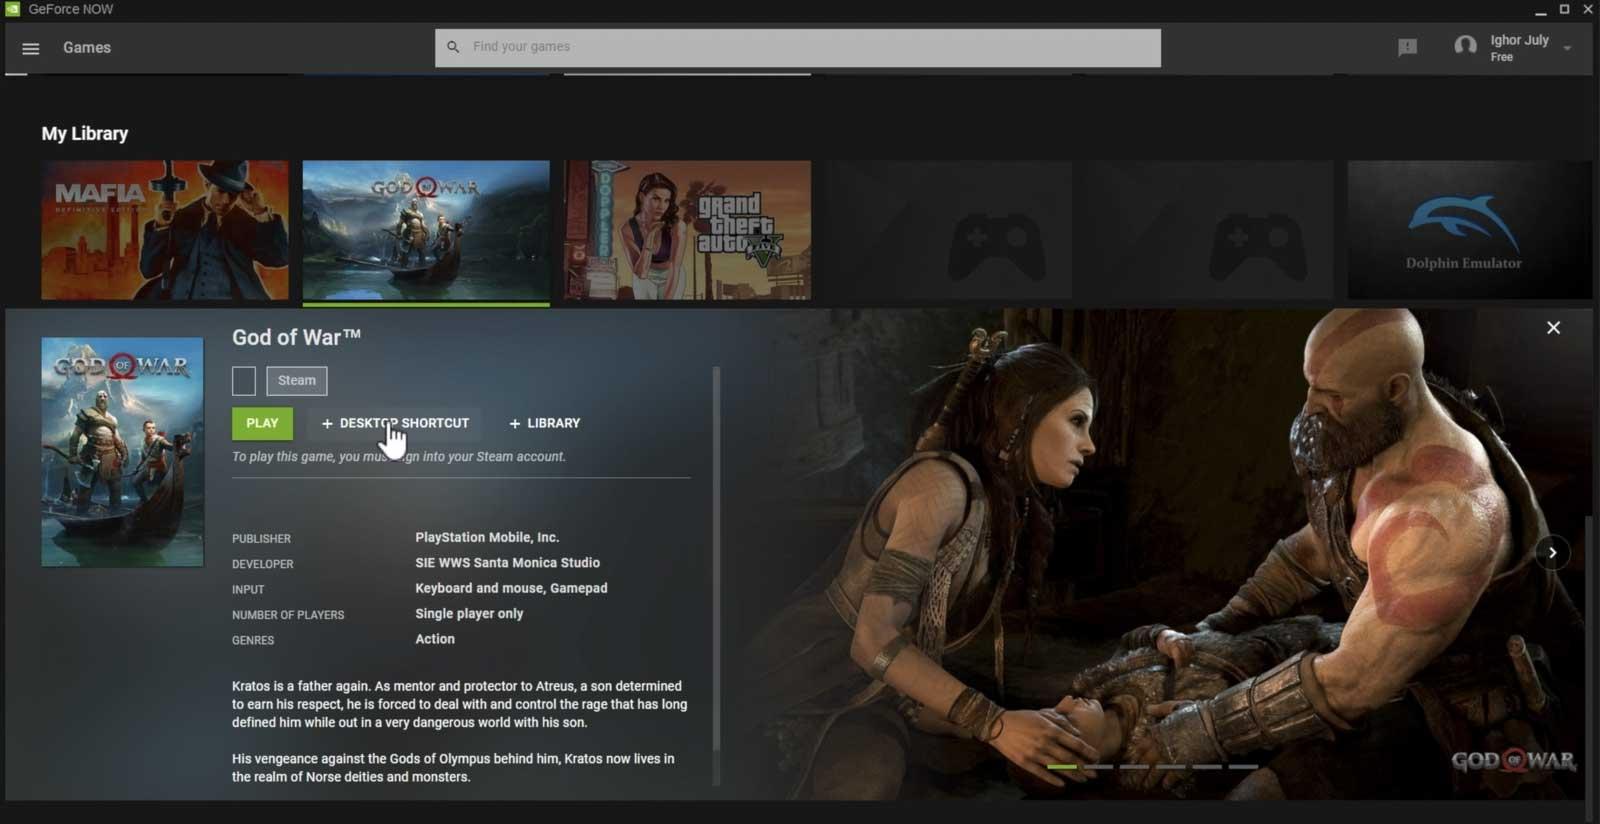 La liste des jeux Nvidia sur PC qui incluent God of War a été découverte.